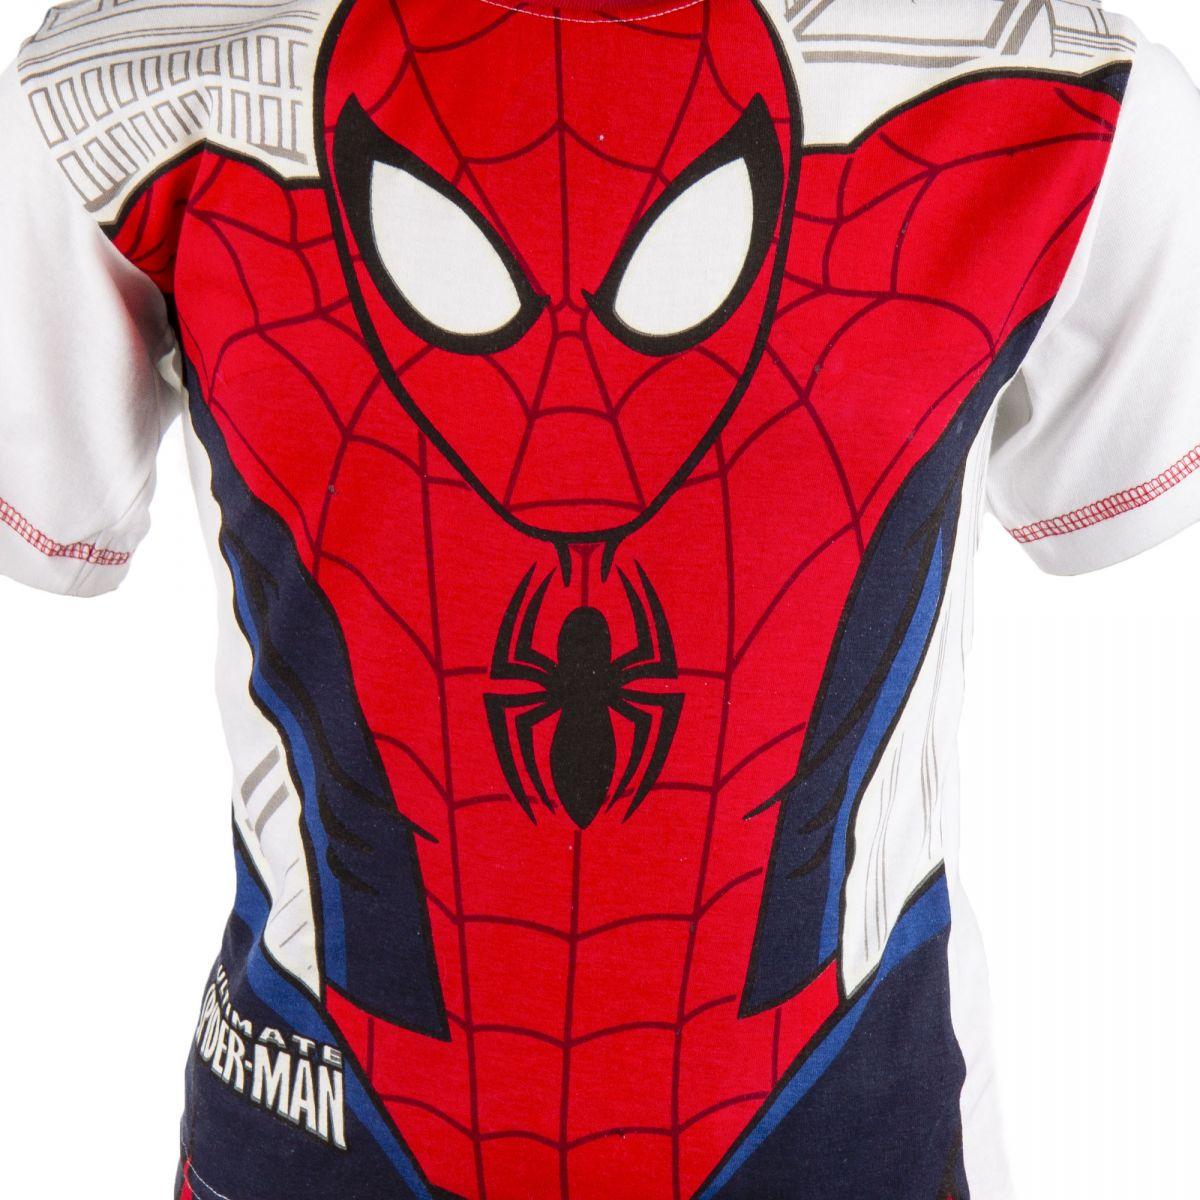 93dec83011da9 ... Pyjama Spiderman Enfant MARVEL marque pas cher prix dégriffés  destockage ...